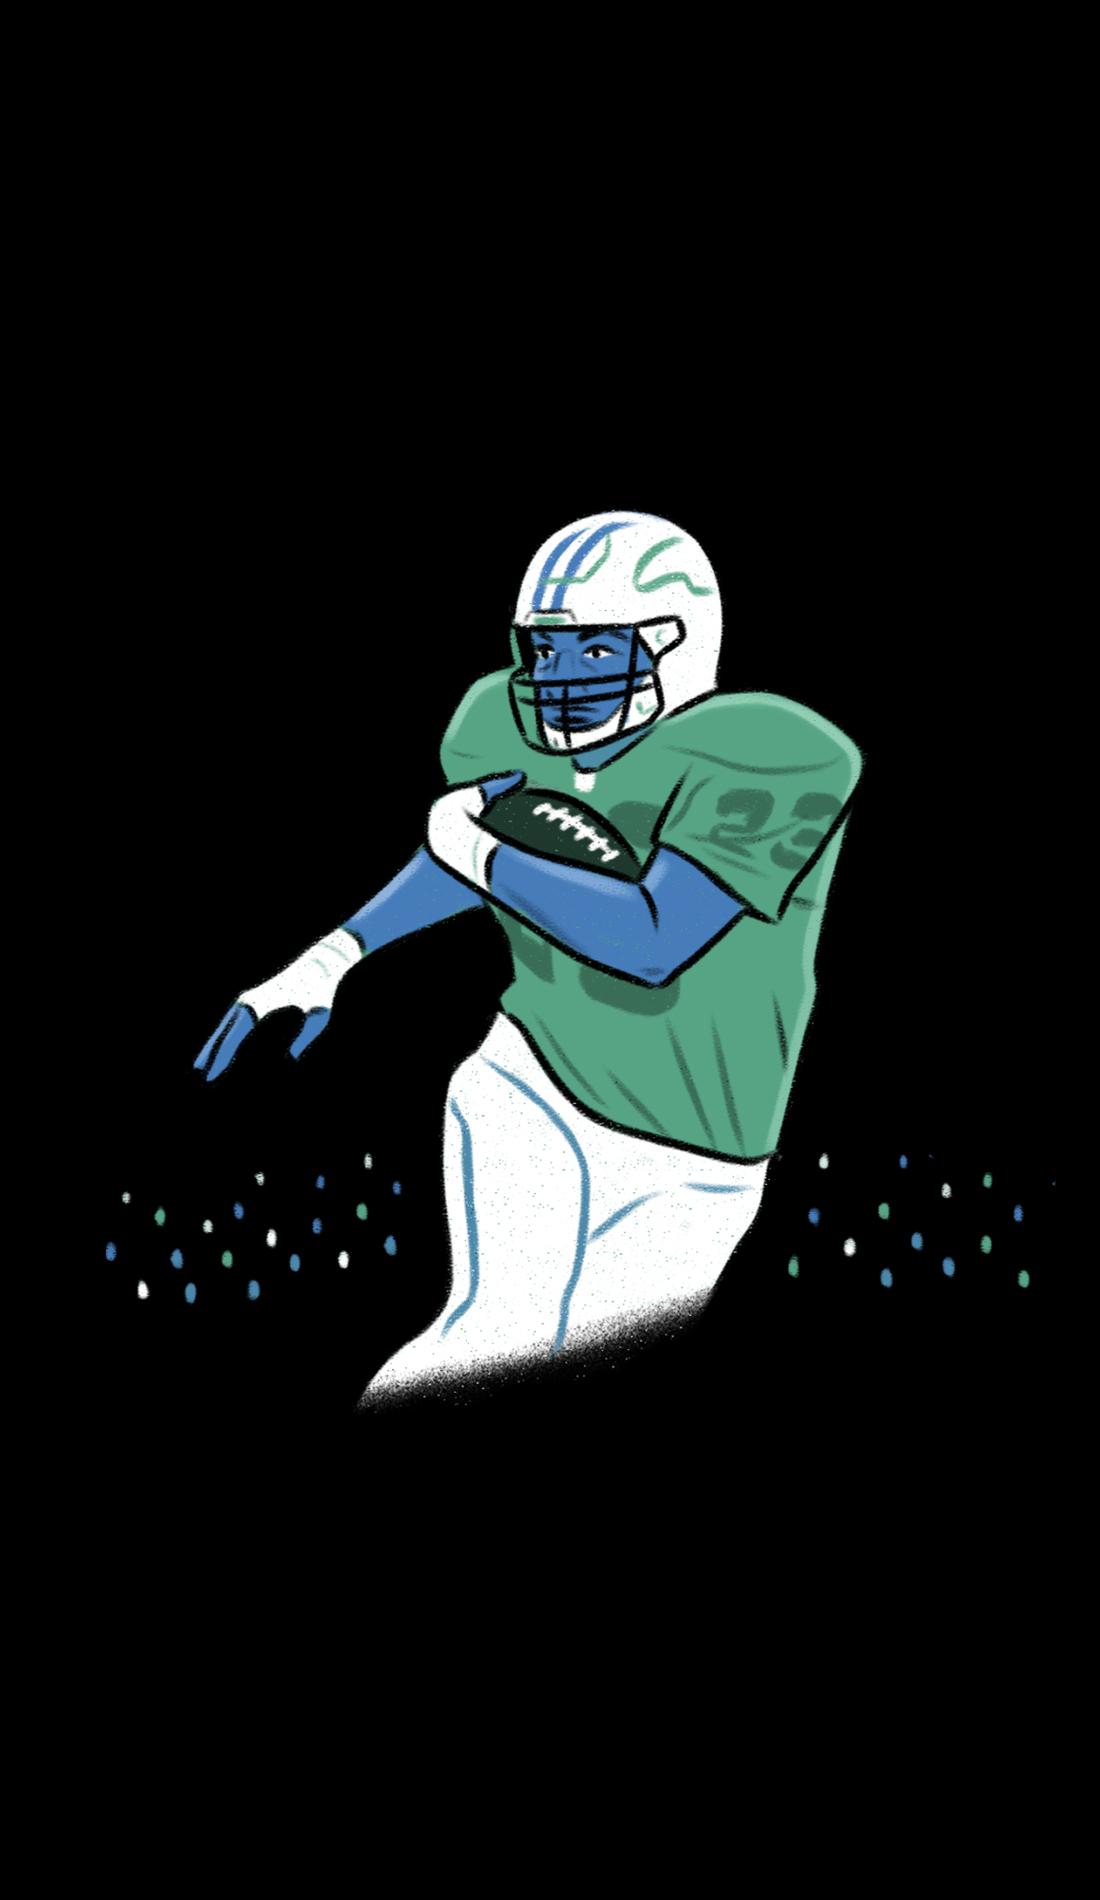 A Central Arkansas Bears Football live event